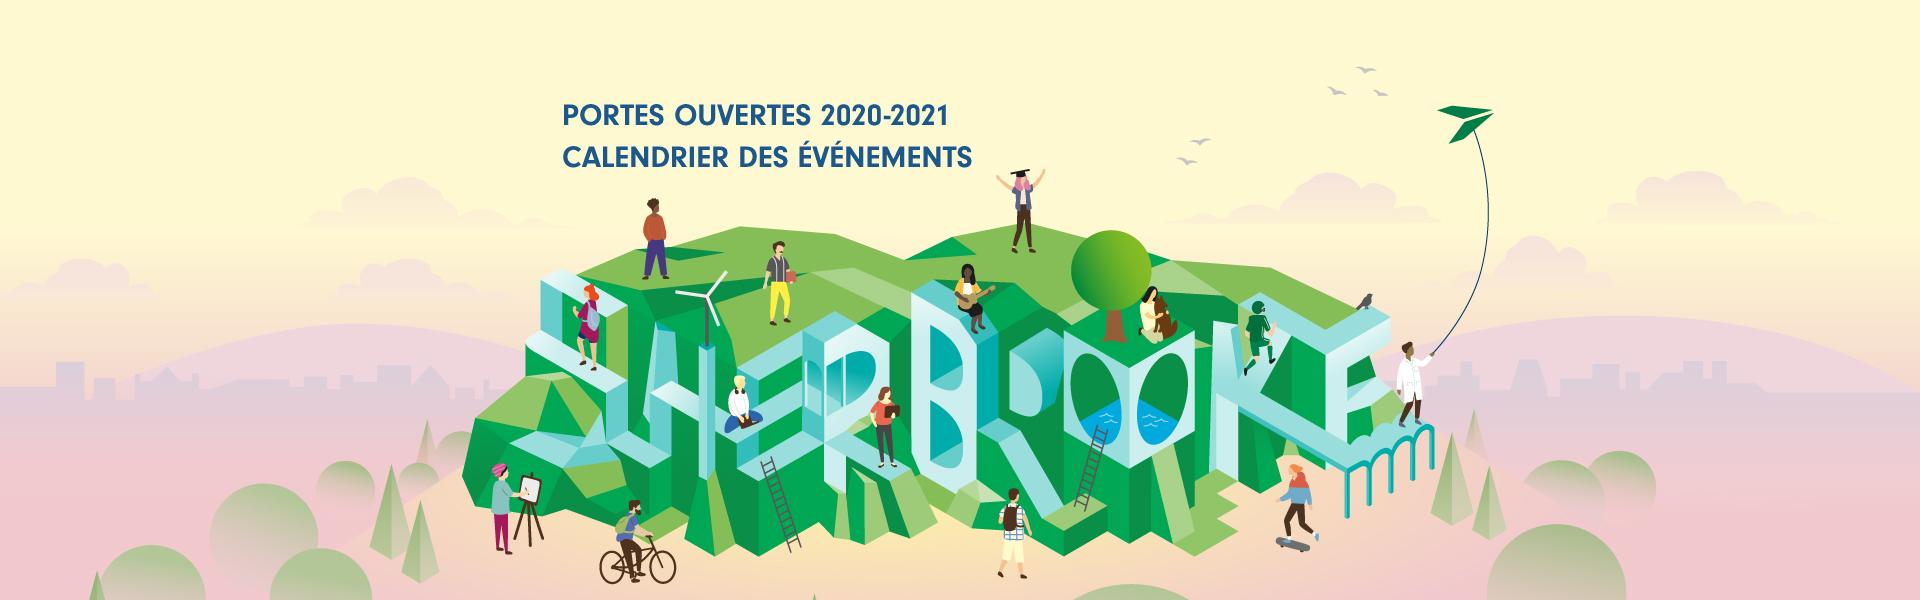 Portes ouvertes 2020-2021 Calendrier des événements